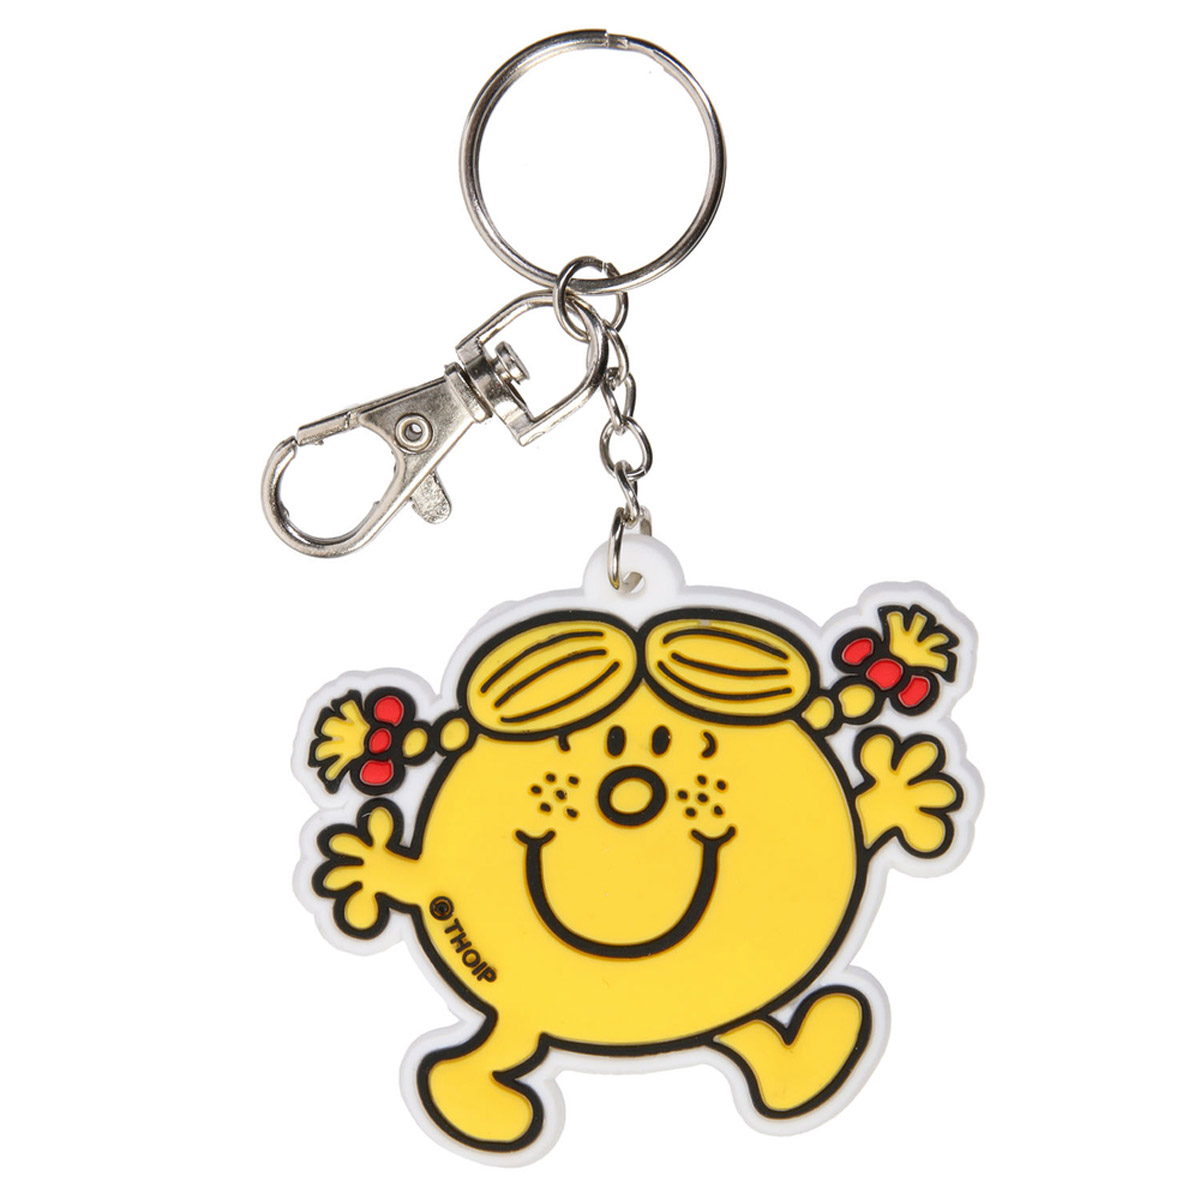 Porte-clés pvc \'Monsieur Madame\' jaune - 60x60 mm - [R2465]